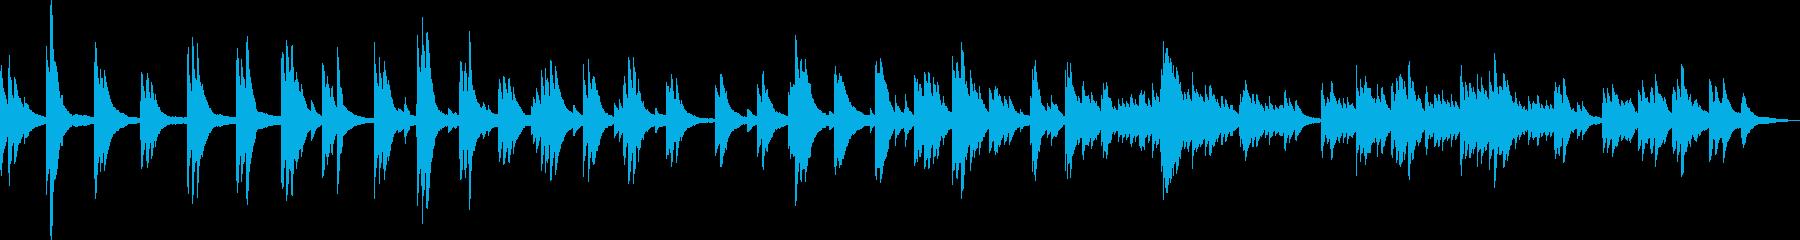 Regret (piano solo, ballad, sad)'s reproduced waveform